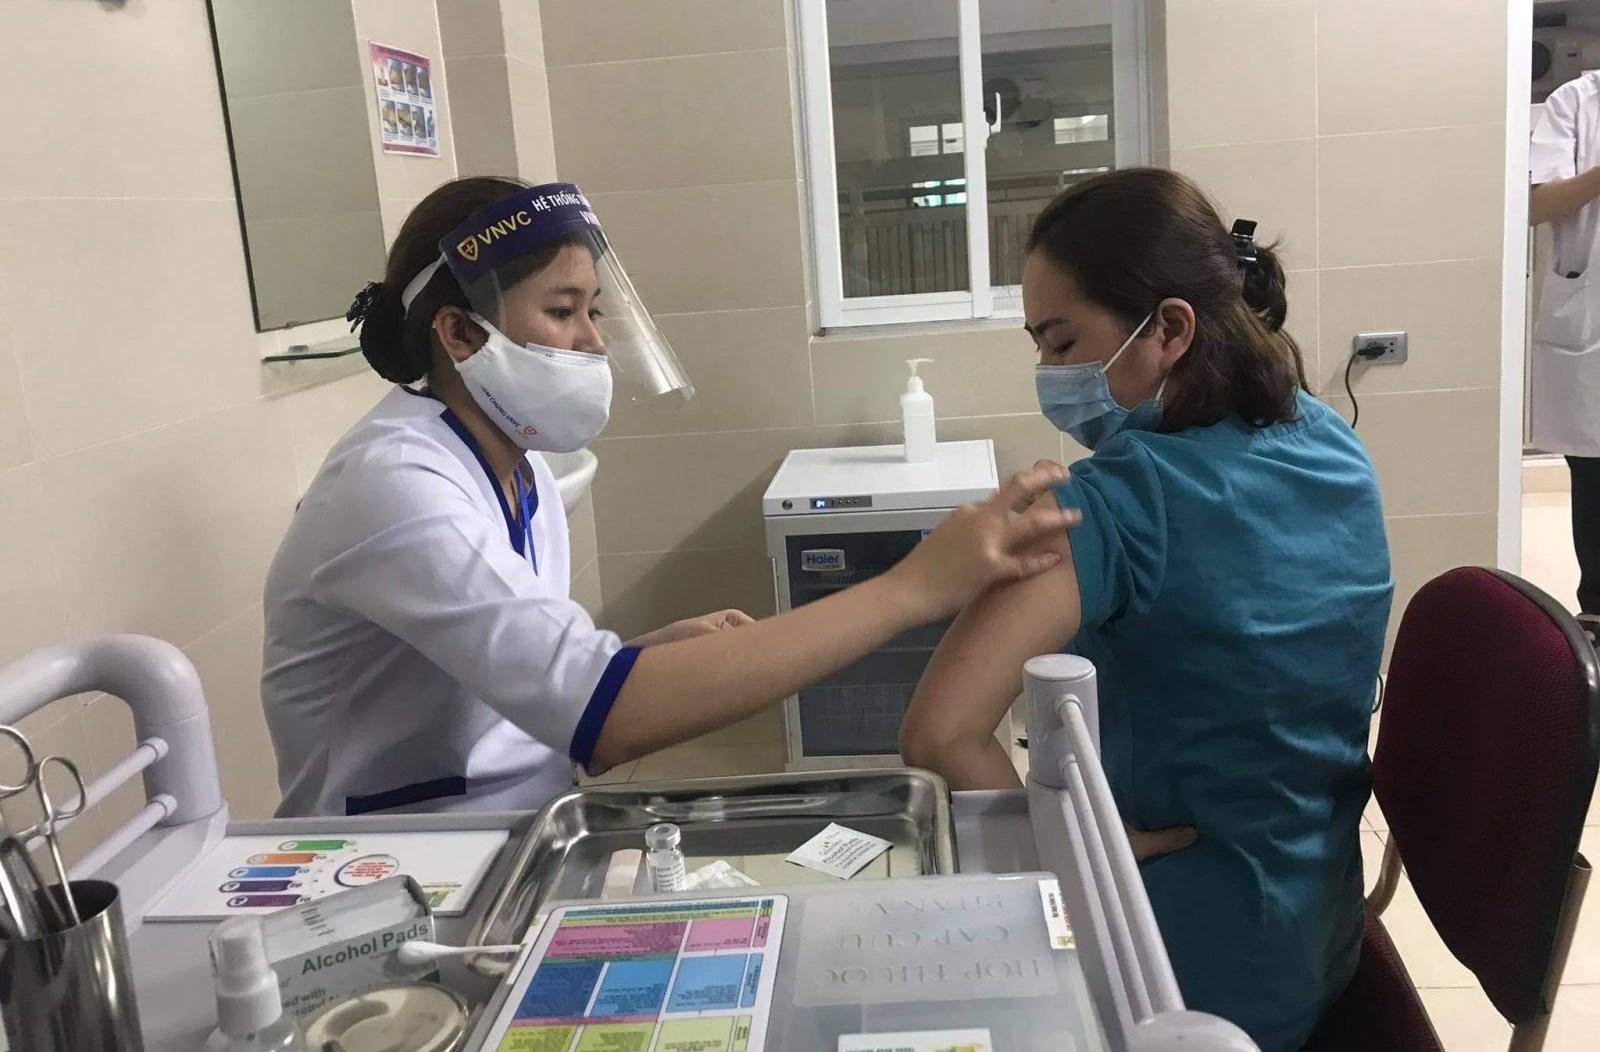 Hà Nội sẽ mở rộng đối tượng tiêm chủng với 50.000 liều vaccine COVID-19 trong đợt 2